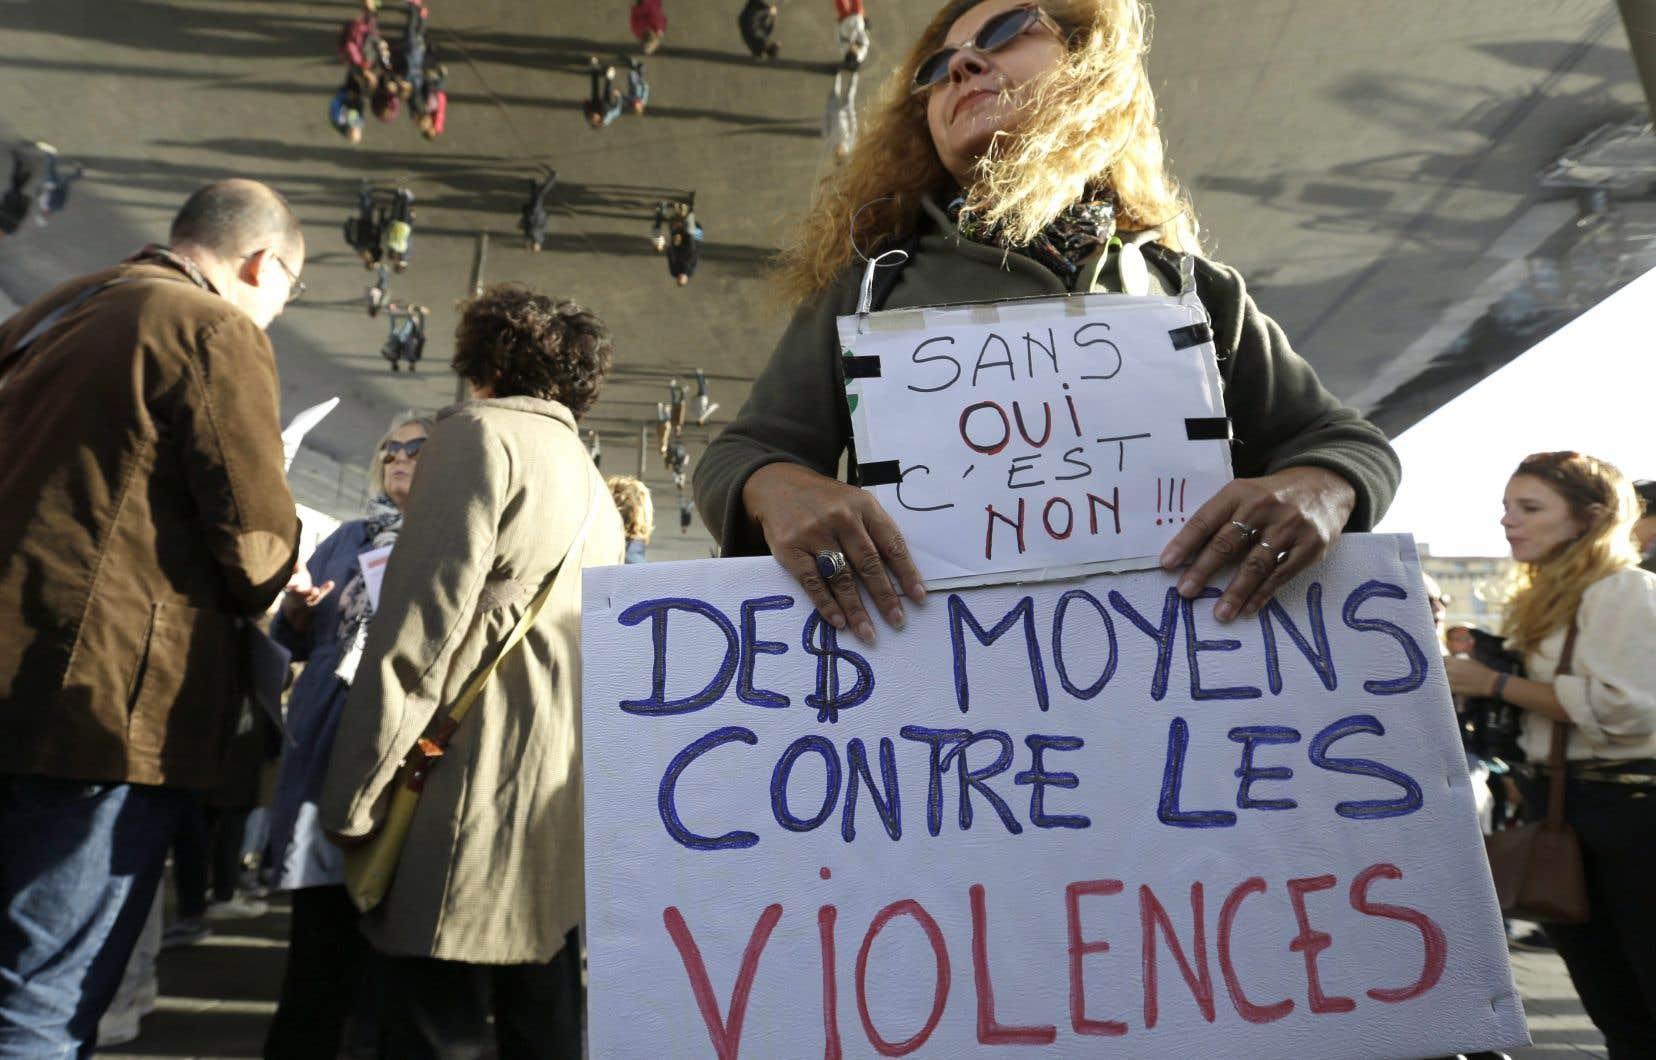 En 2017, le mouvement #MoiAussi a également attiré l'attention sur la prévalence des agressions sexuelles à travers le monde.